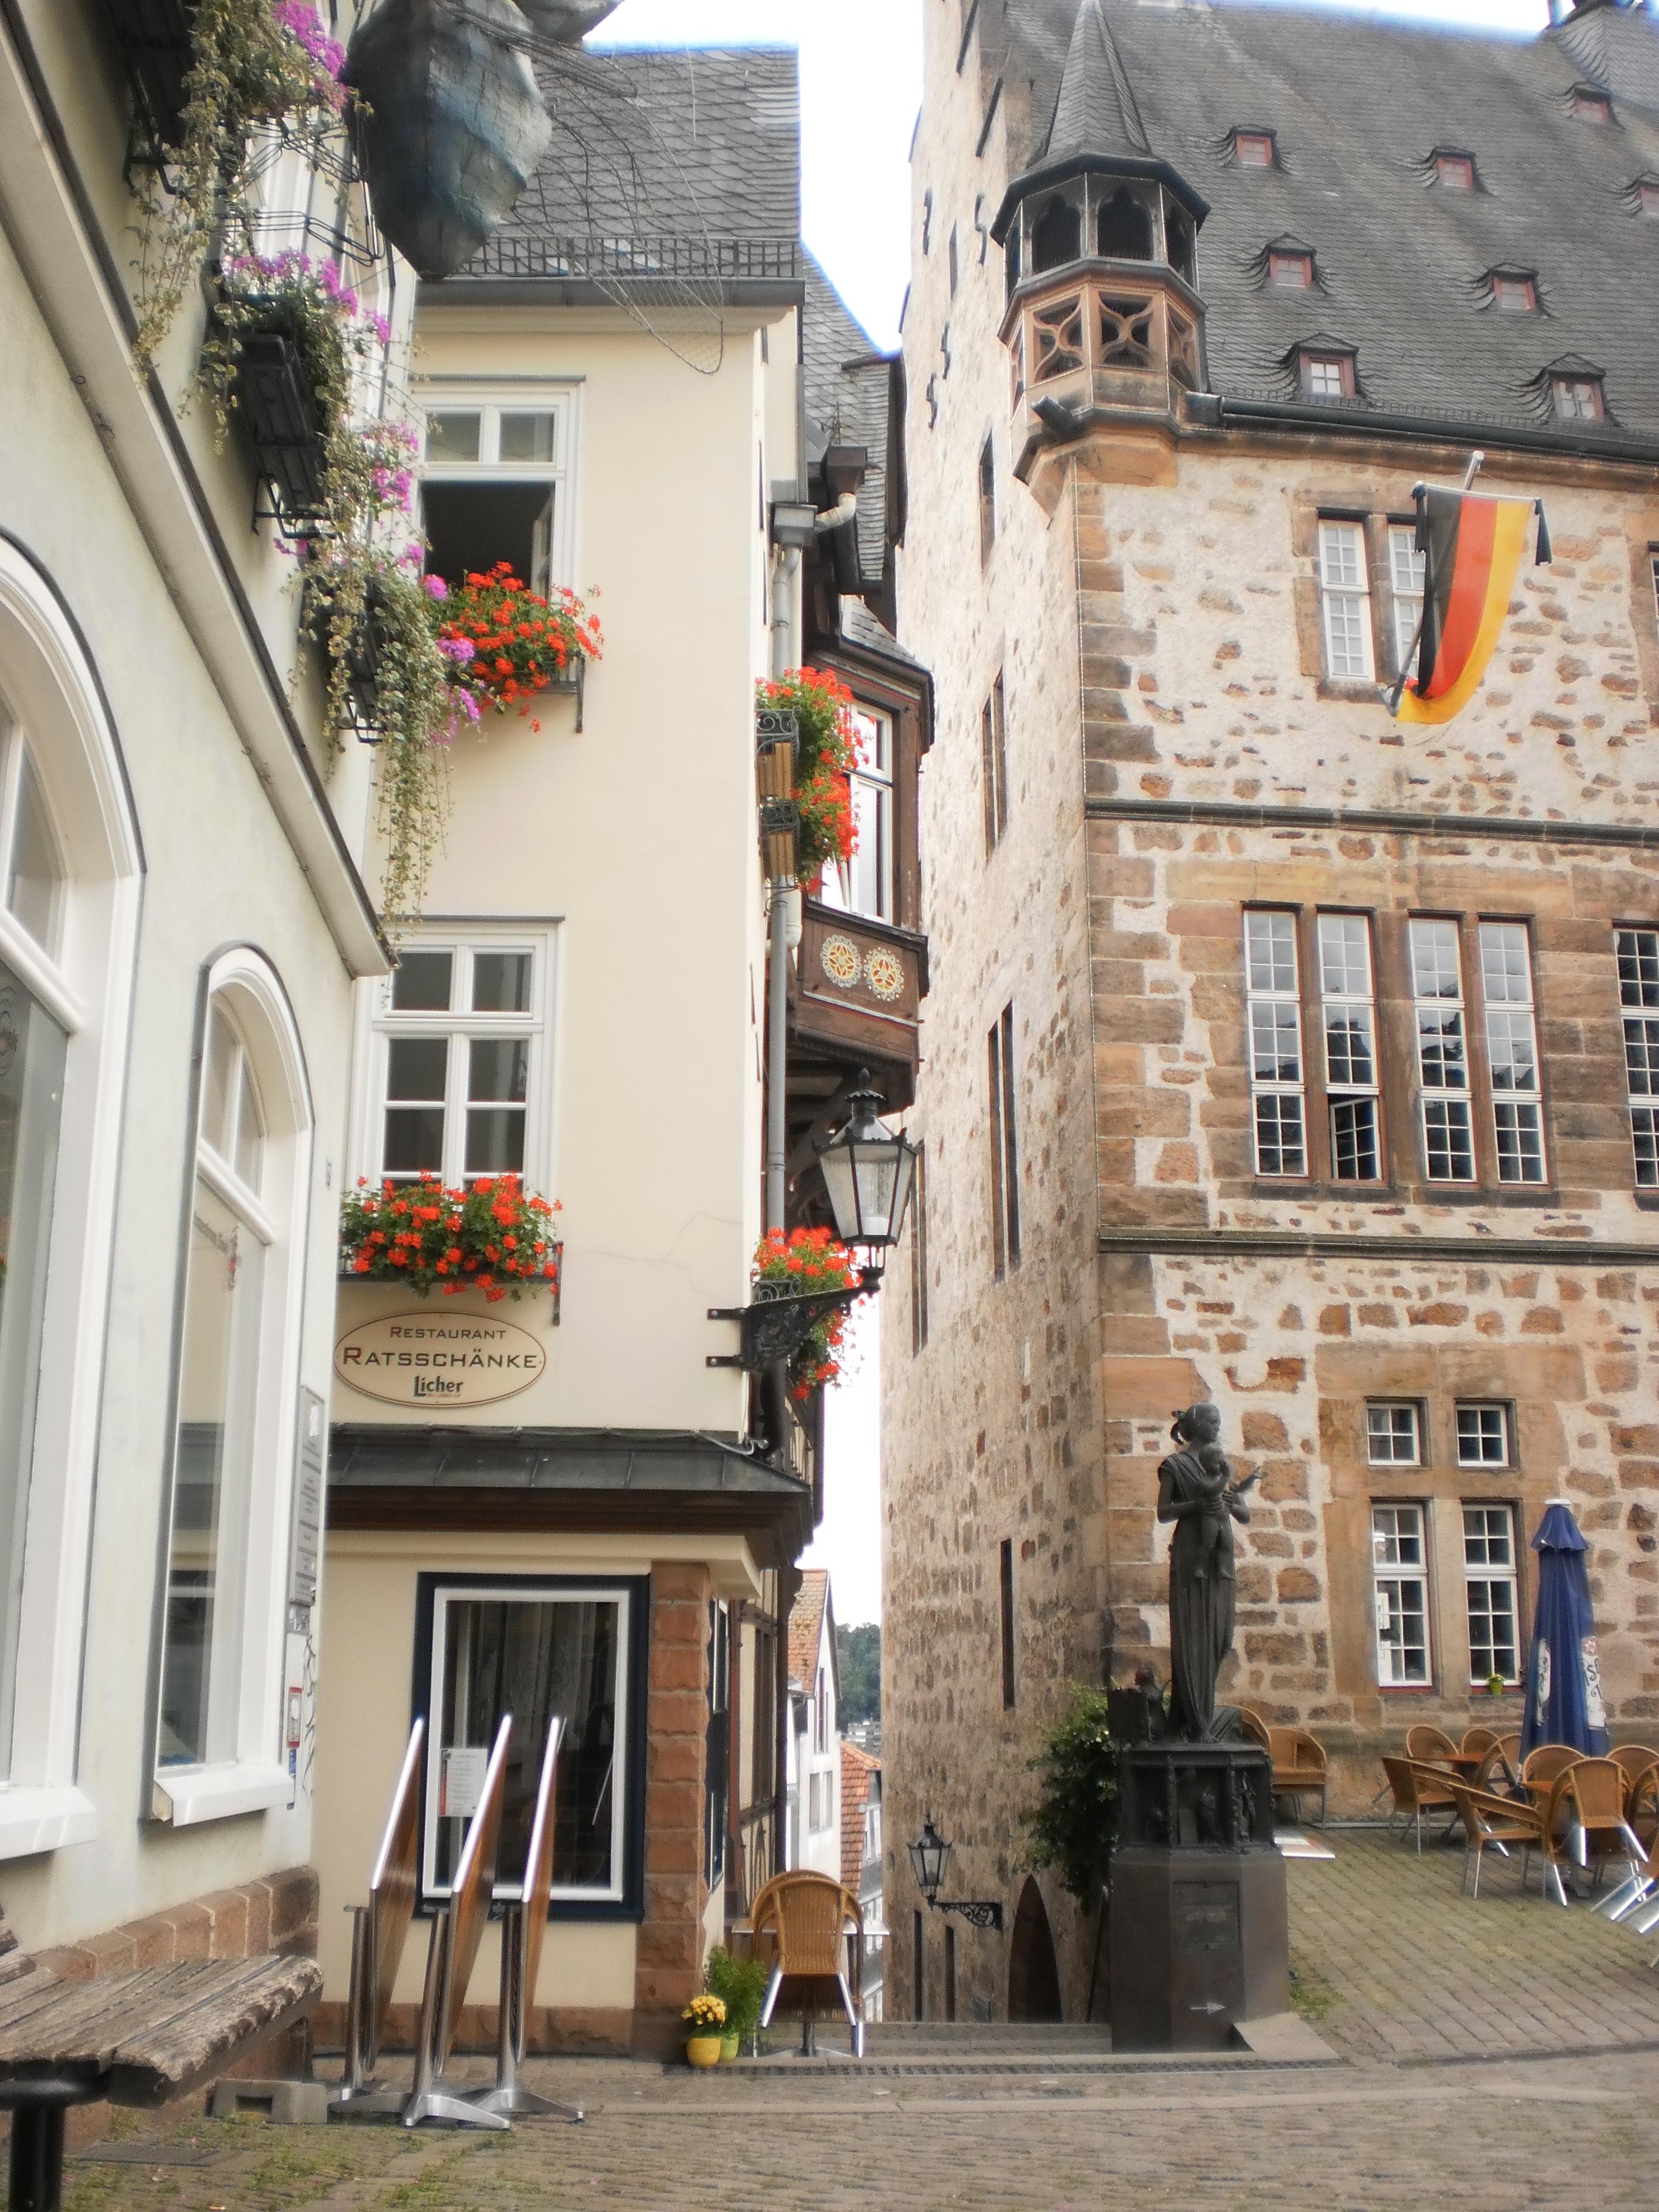 File:Rathaus und Marktplatz Marburg mit Blick auf Ratsschänke an ...